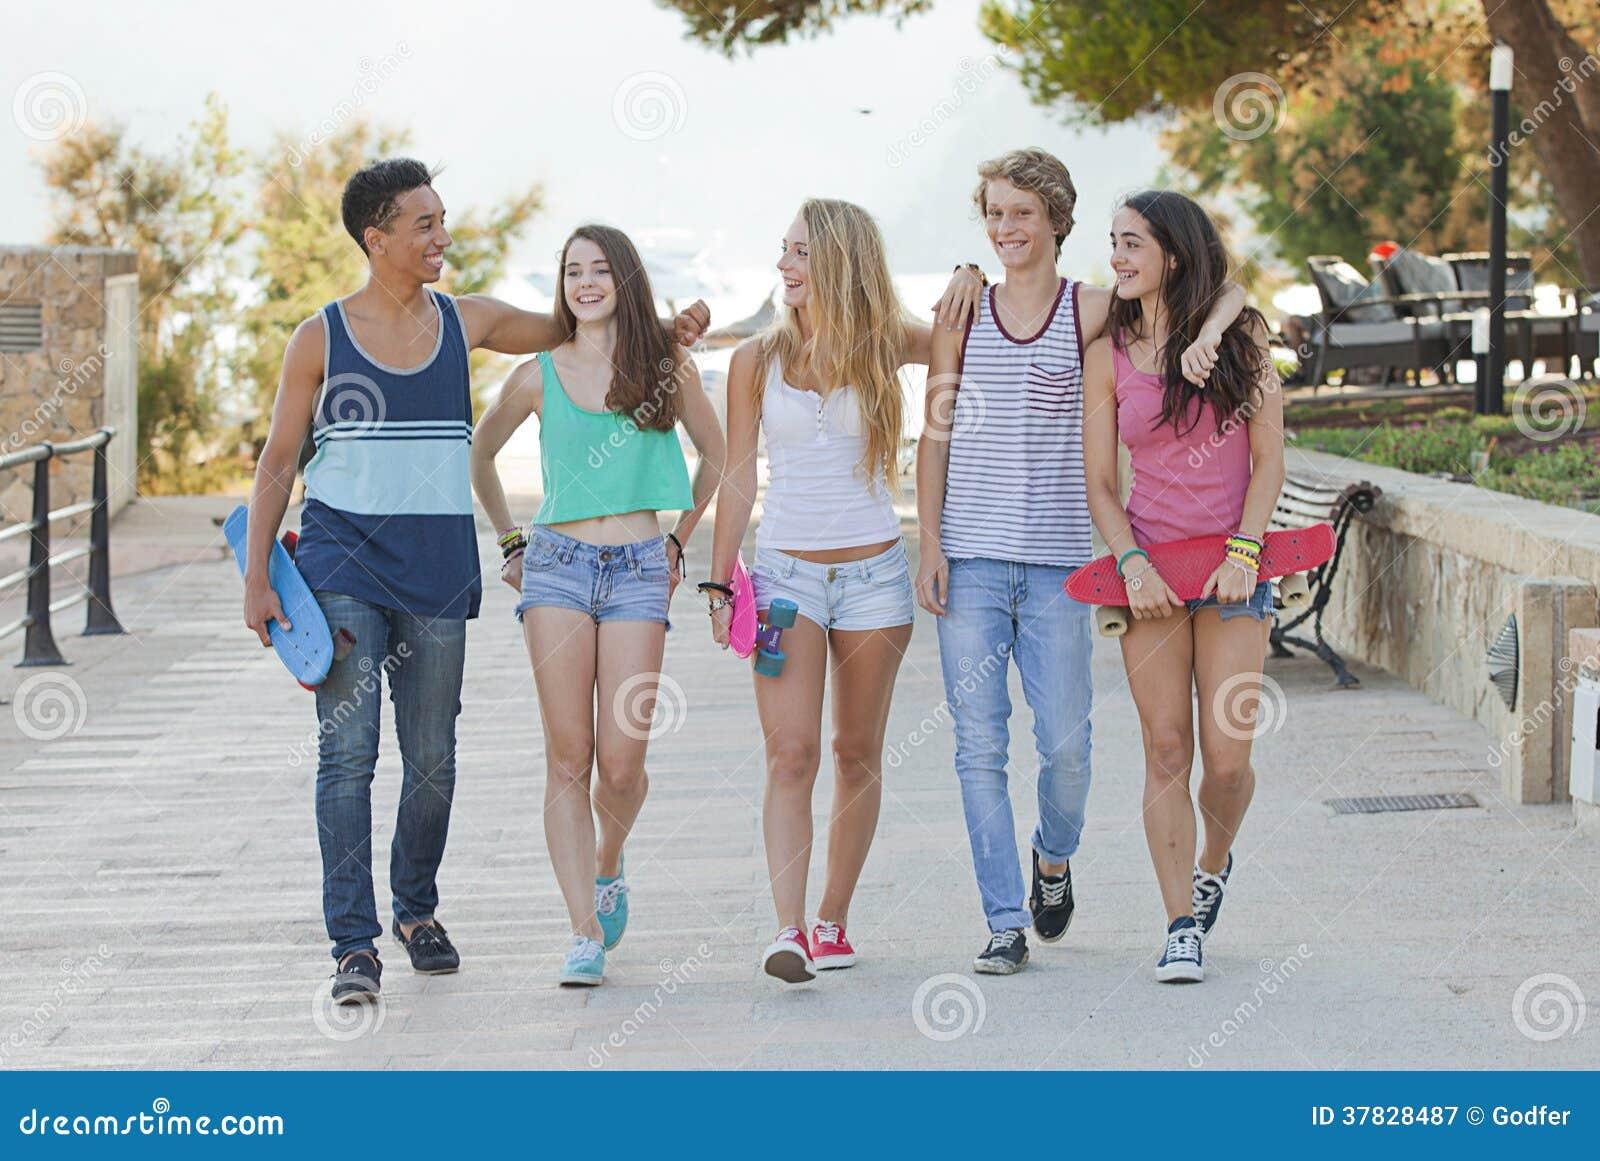 Mallorca Teens 23